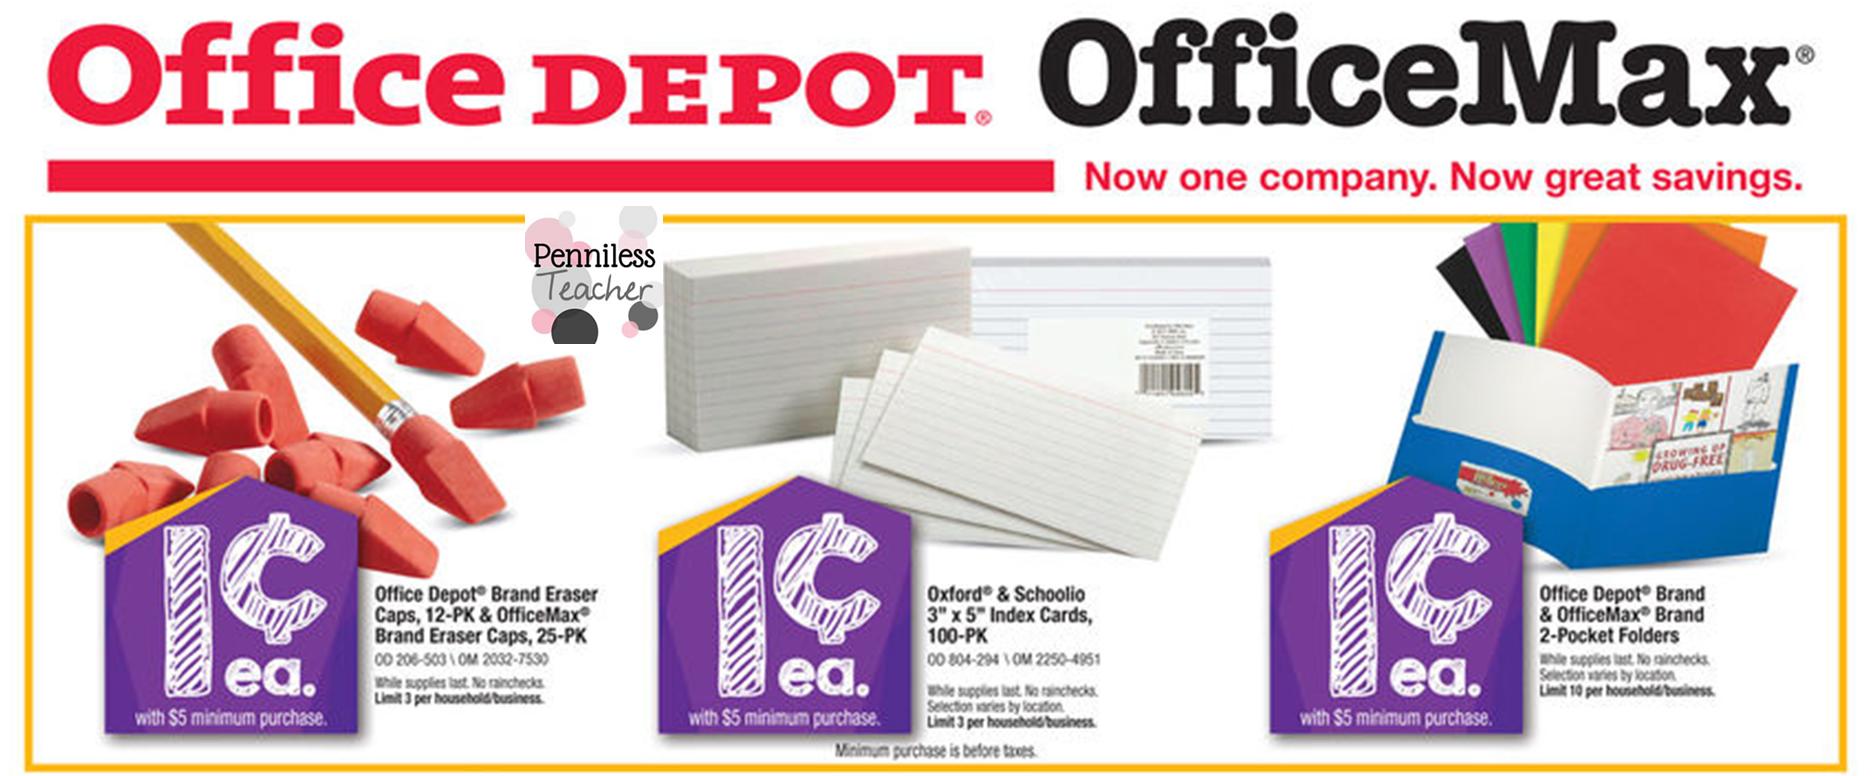 OfficeDepot7.6.14